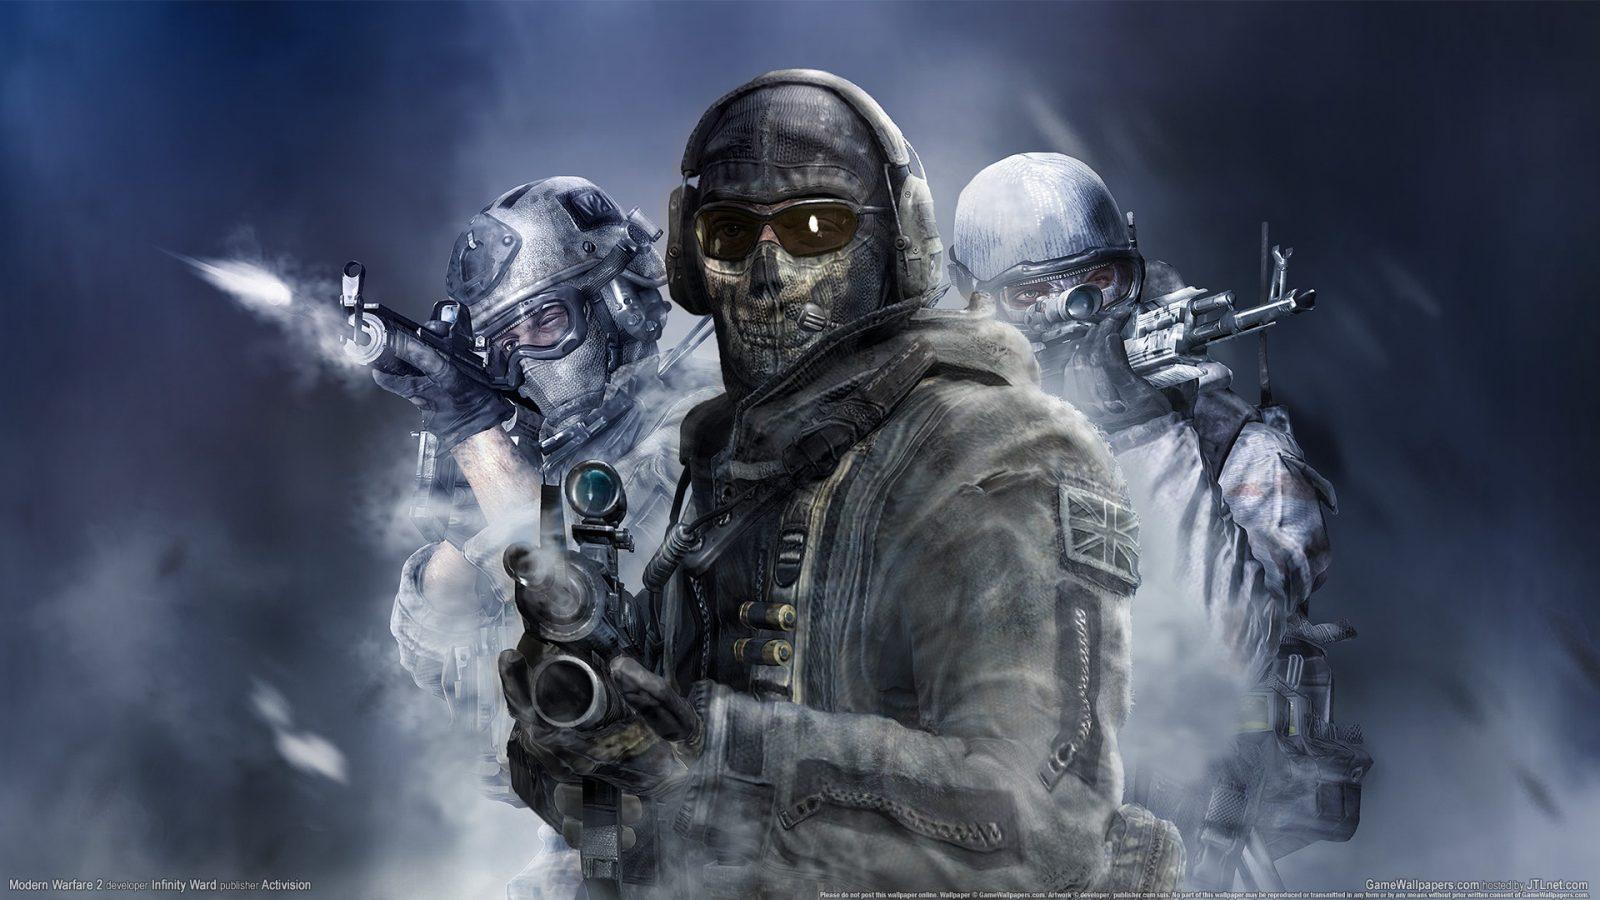 Call Of Duty Modern Warfare 2 Ghost 2 Hd Wallpaper